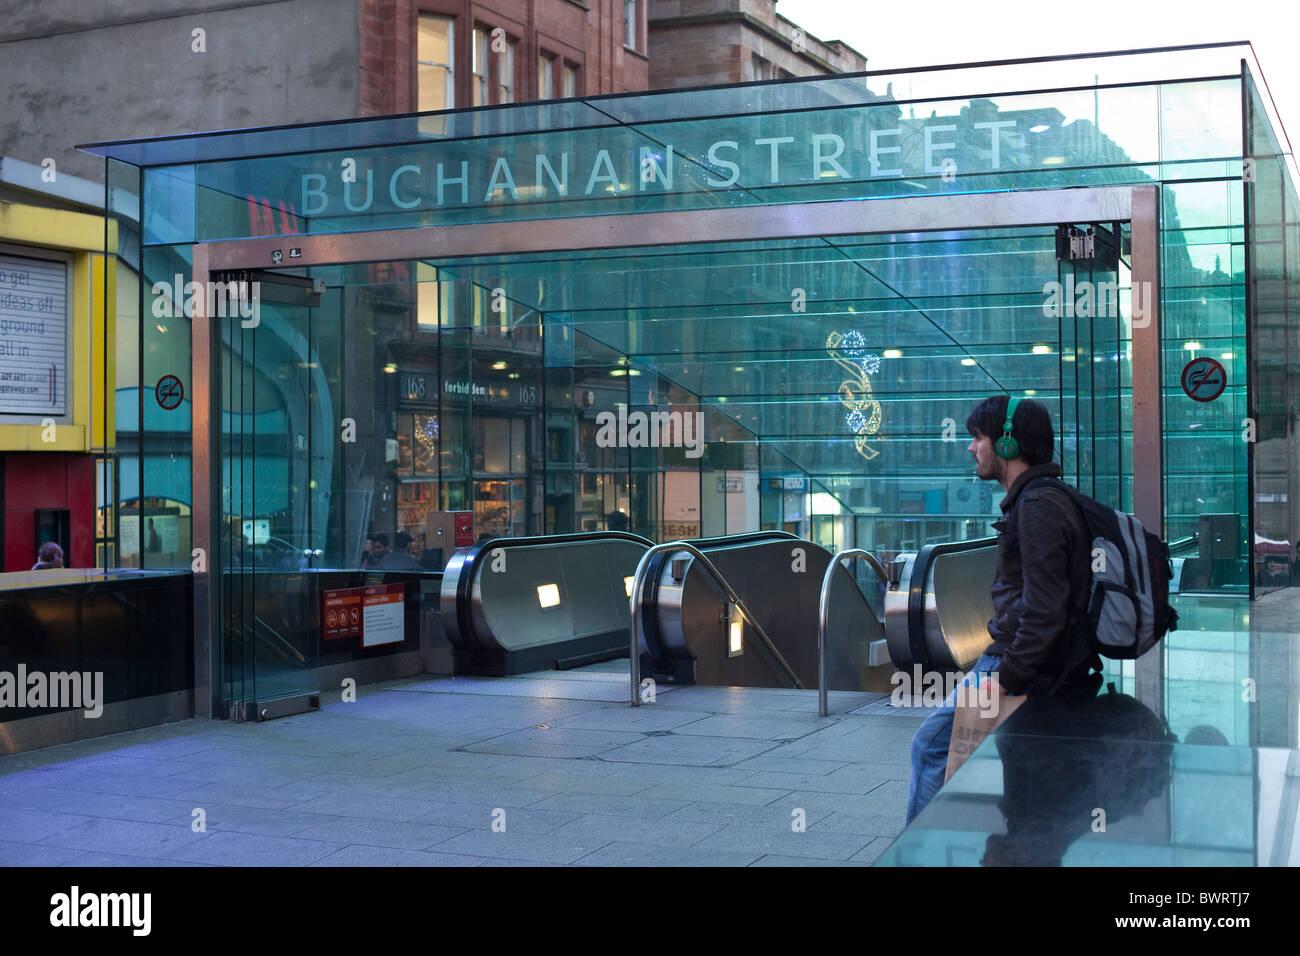 Buchanan Street Underground Station Glasgow - Stock Image